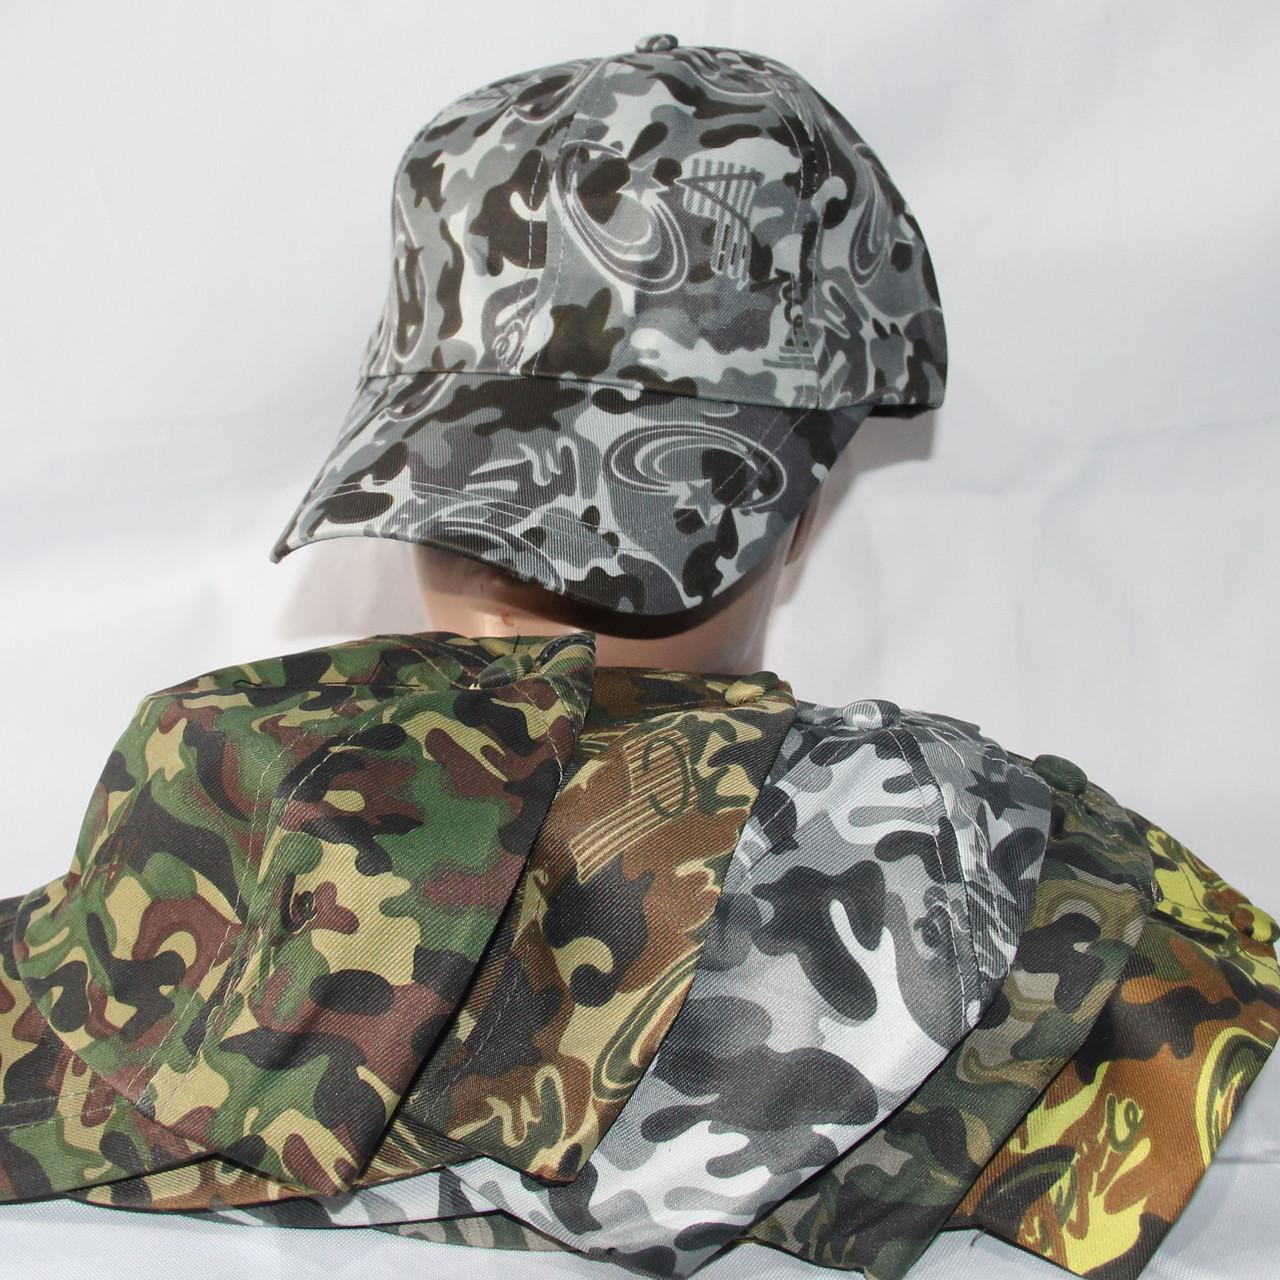 Кепка чоловіча камуфляжна р-р 58 (до 5 різних кольорів) оптом недорого. Одеса(7км)